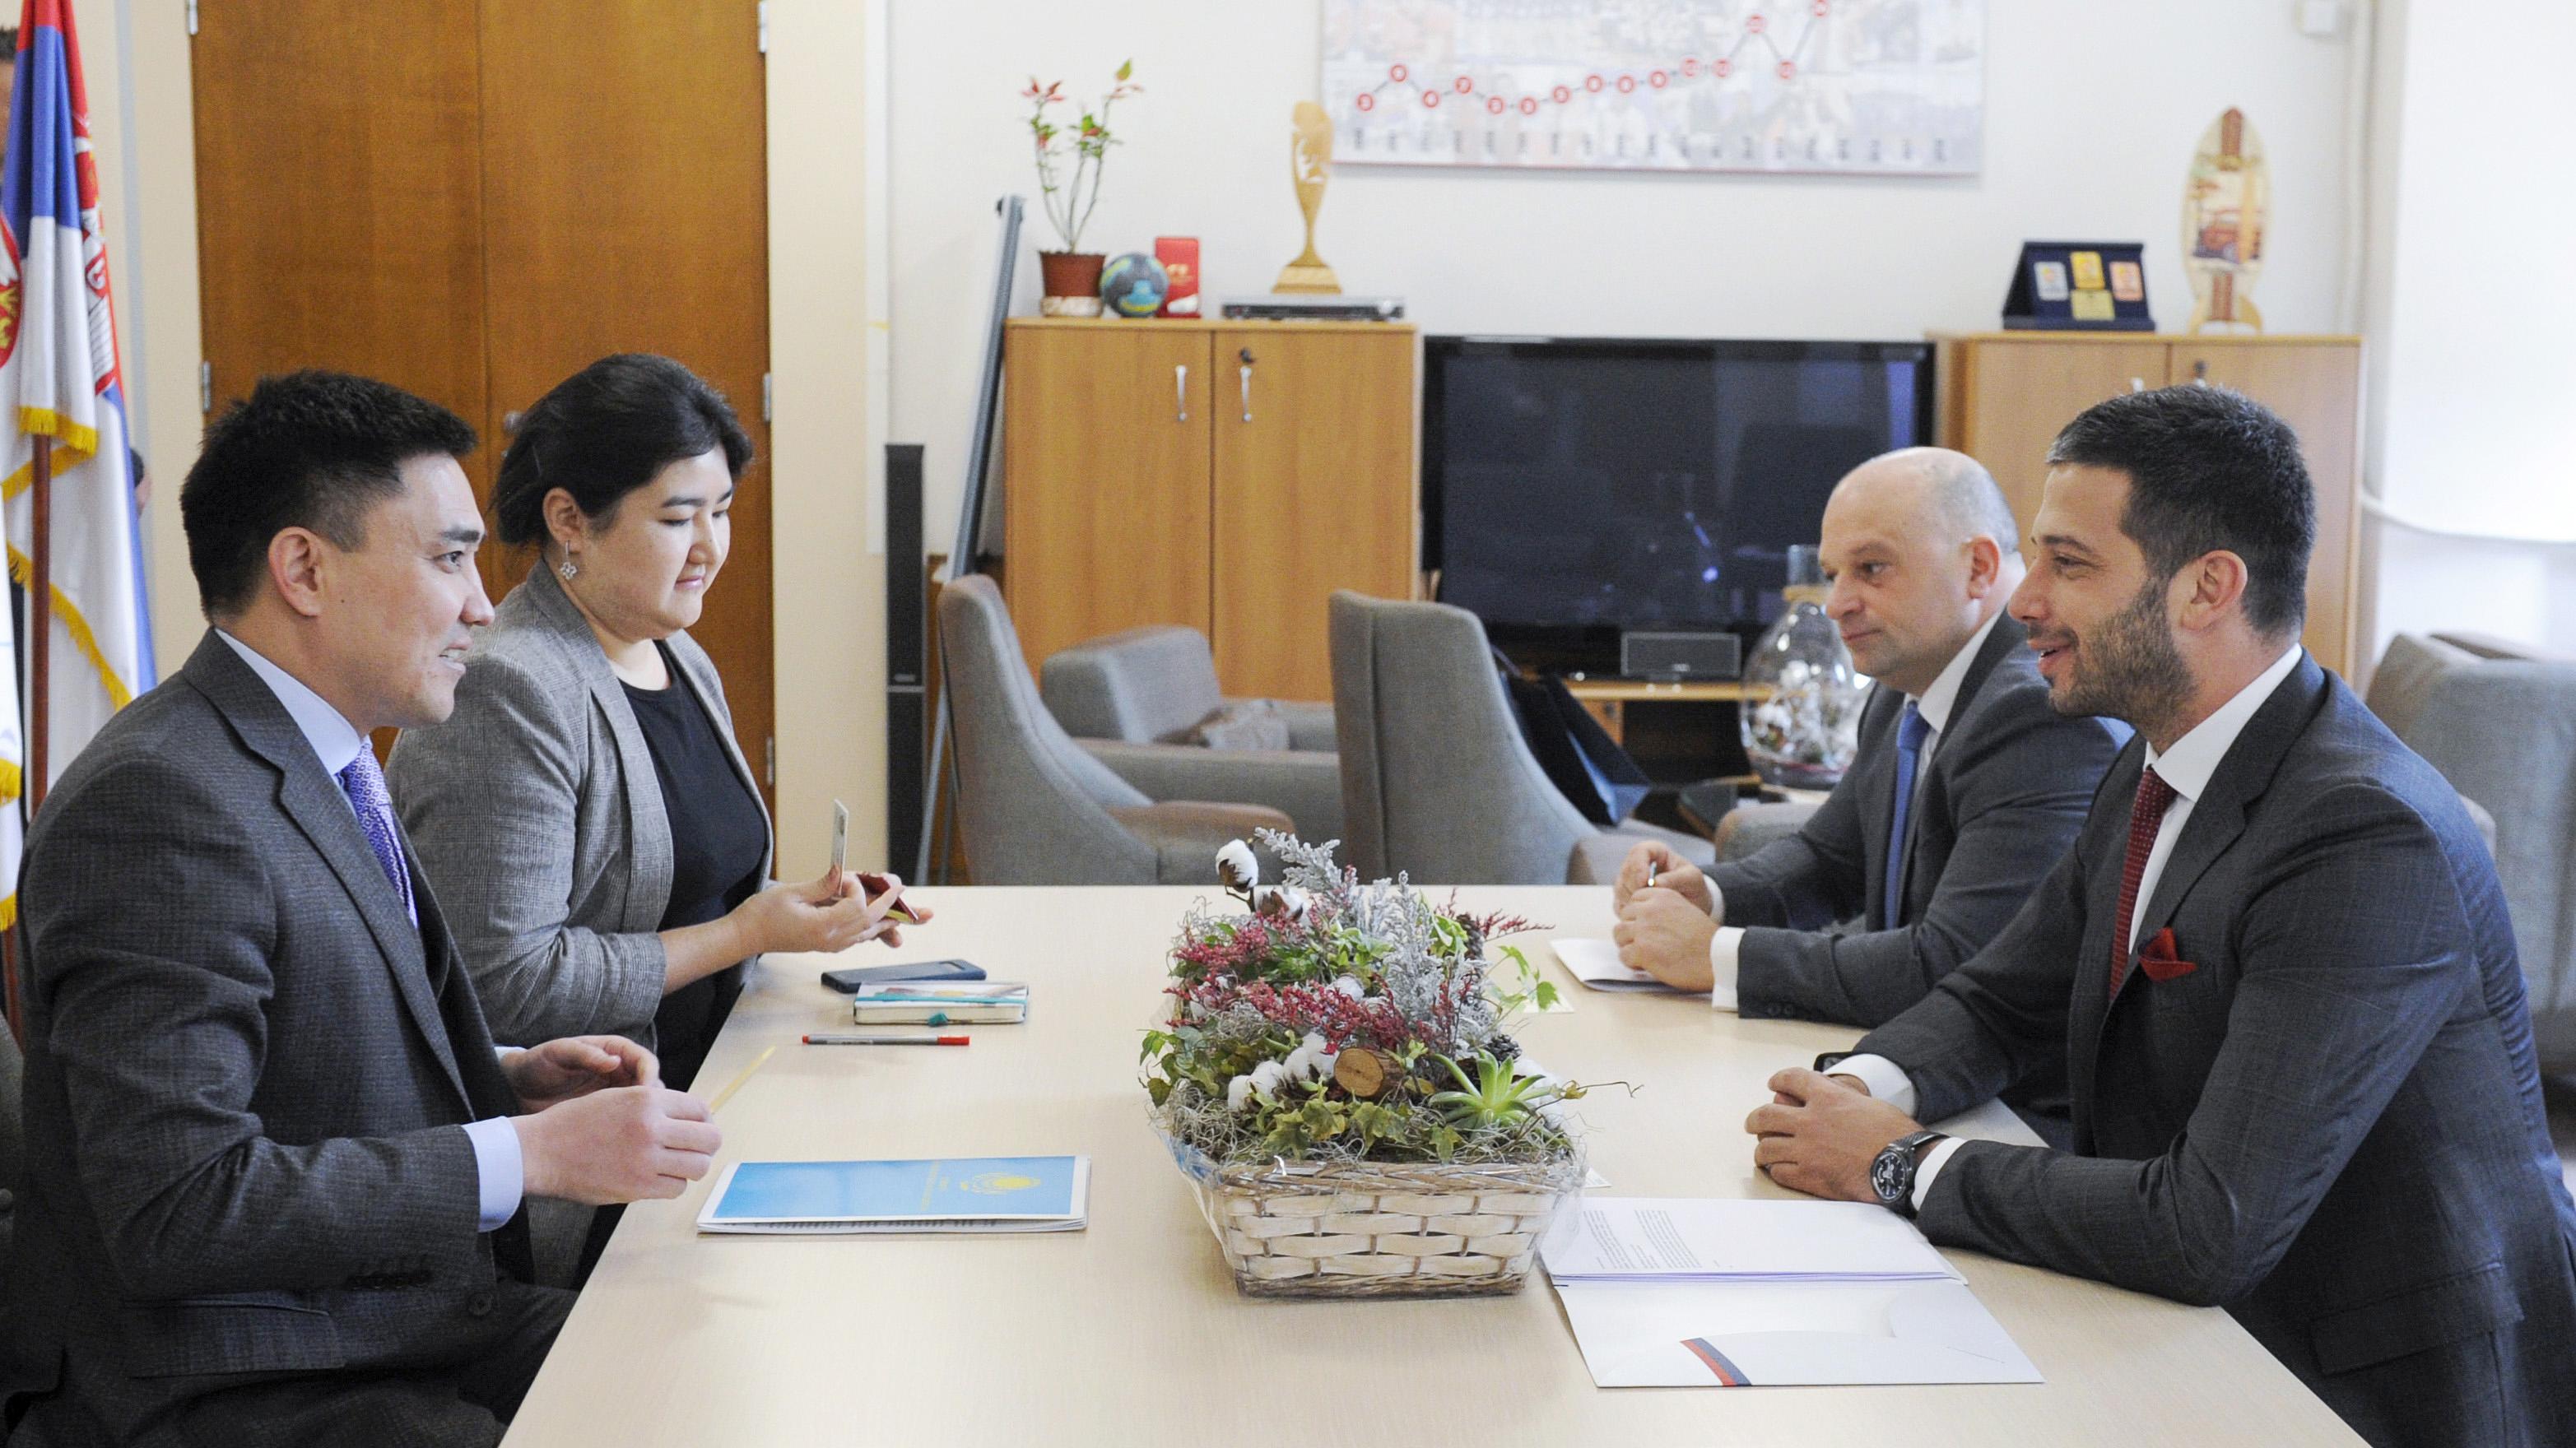 Министар Удовичић са амбасадором Казахстана о проширивању сарадње две пријатељске земље у областима омладине и спорта